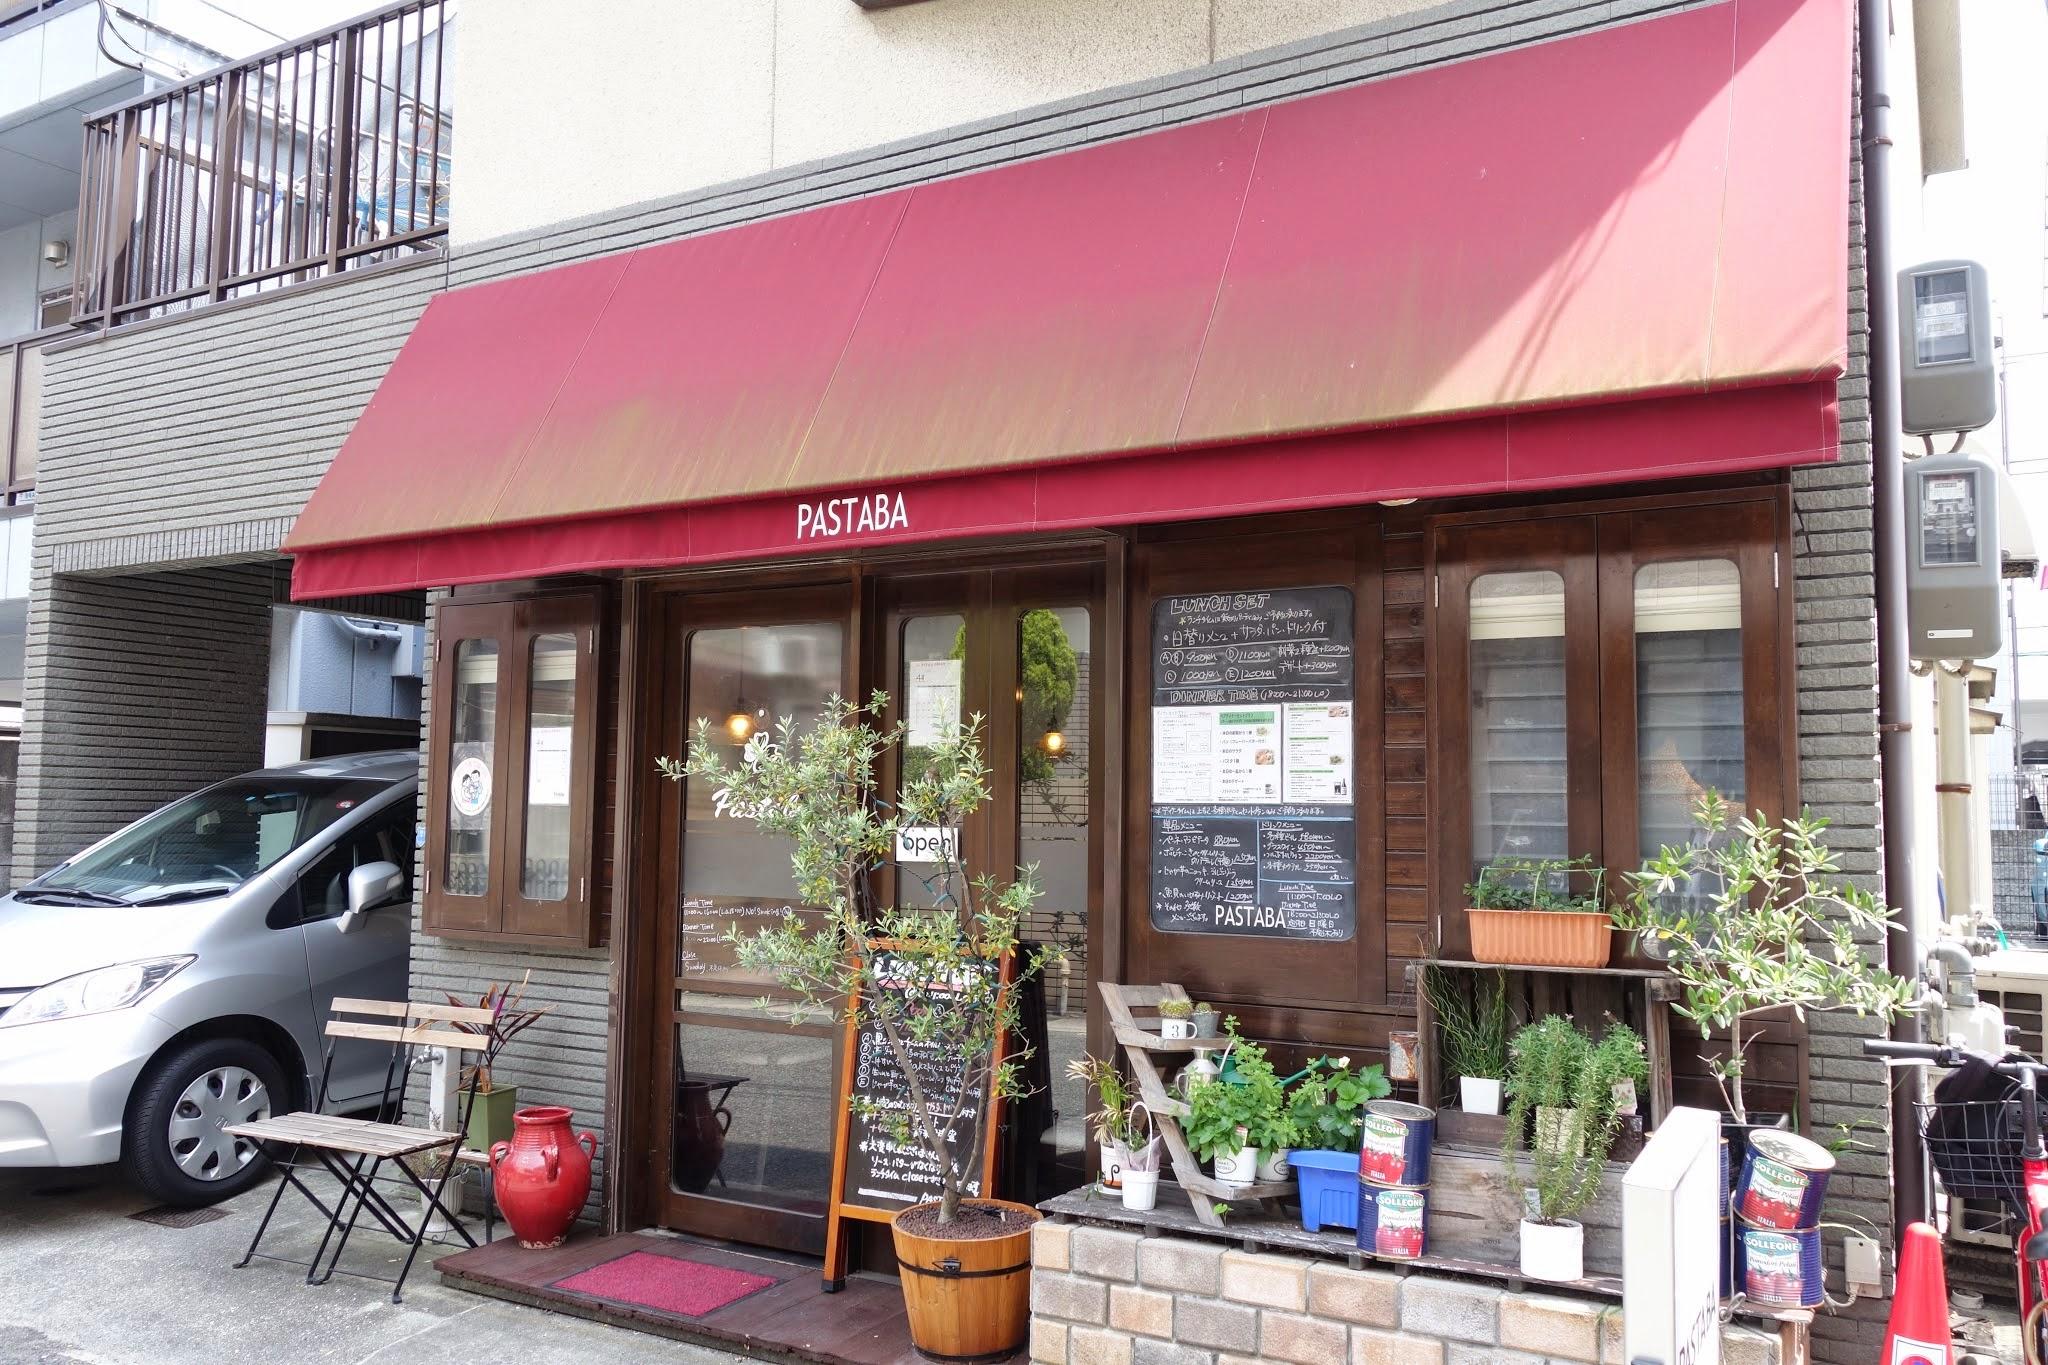 イタリアンなら神戸の六甲道駅降りてすぐのパスタバへ!フレーバーバターがたまりません